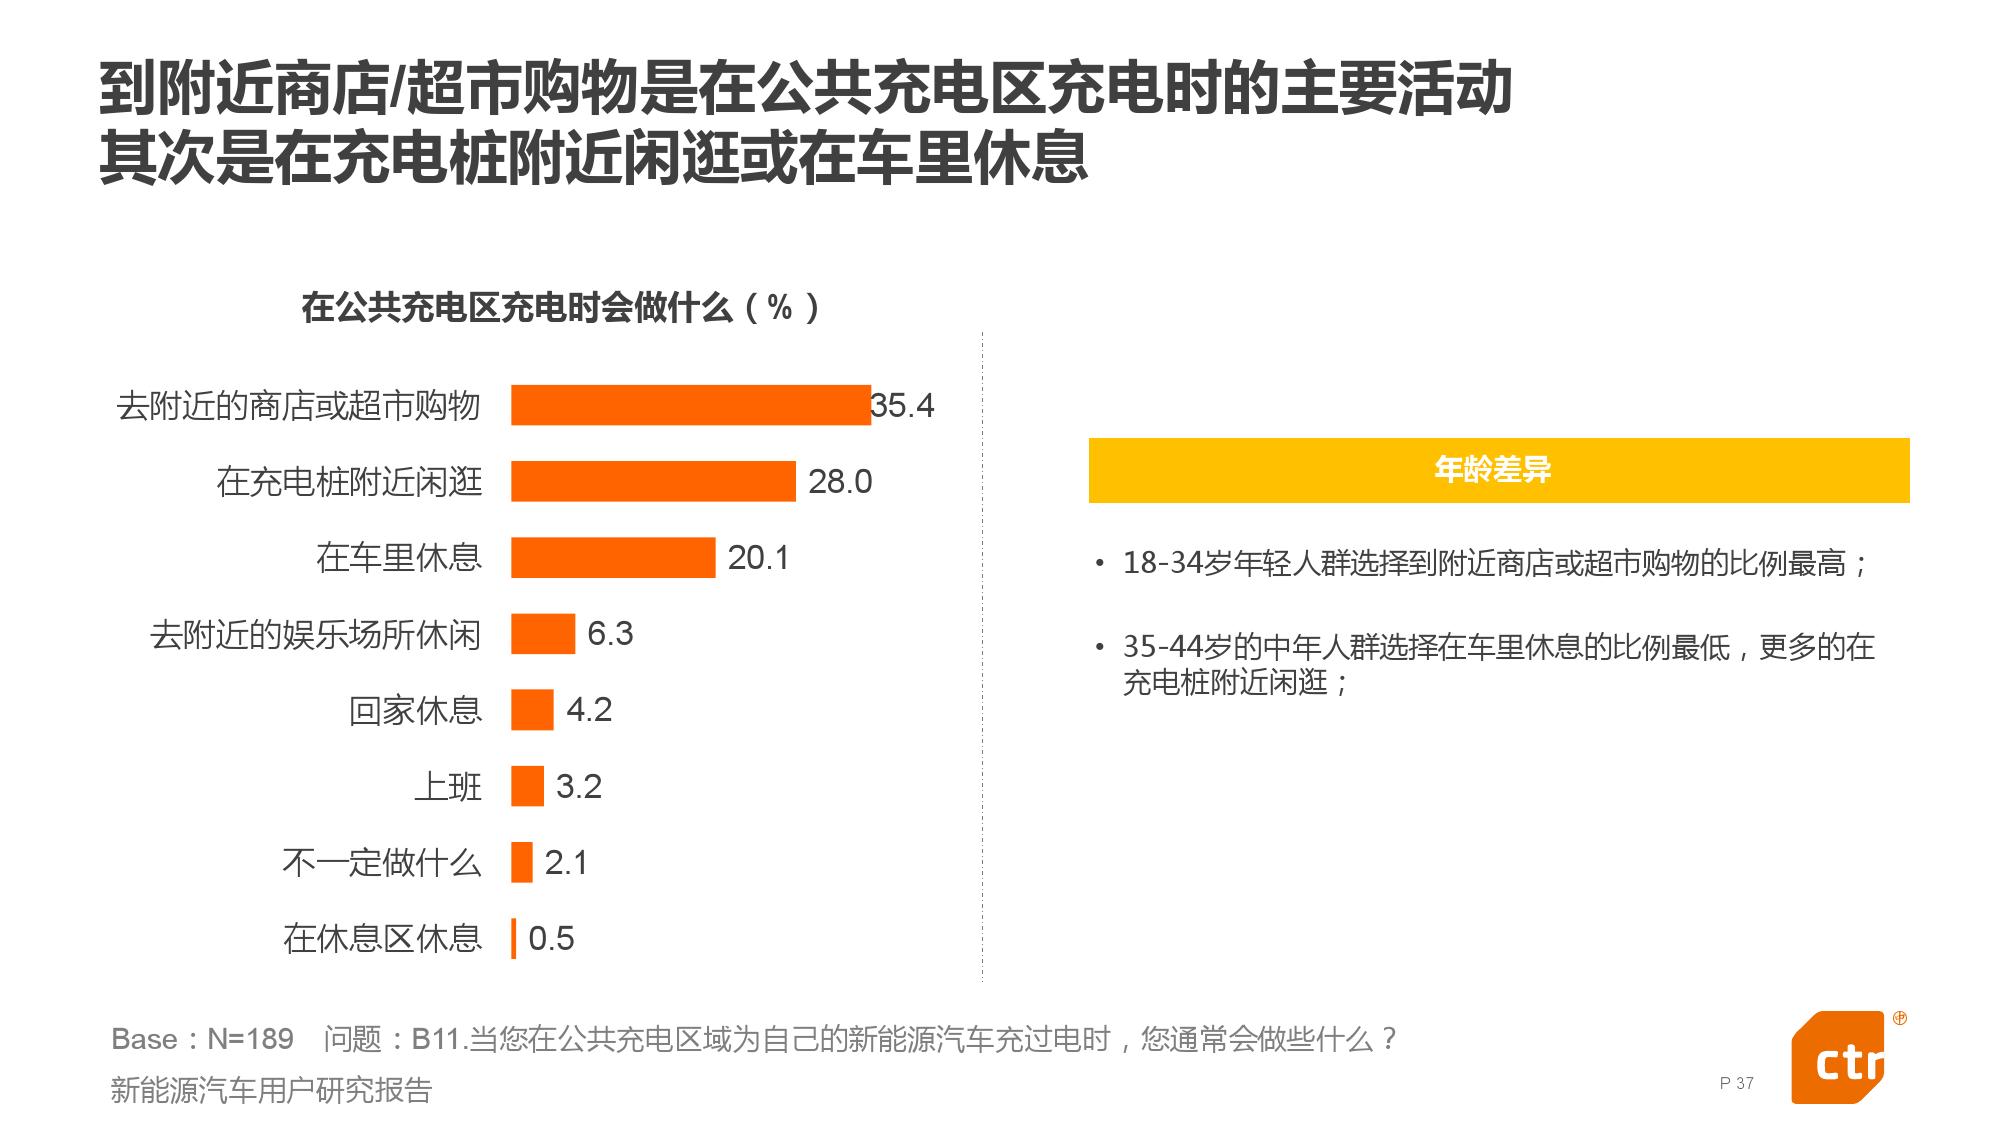 新能源汽车用户研究报告_000037